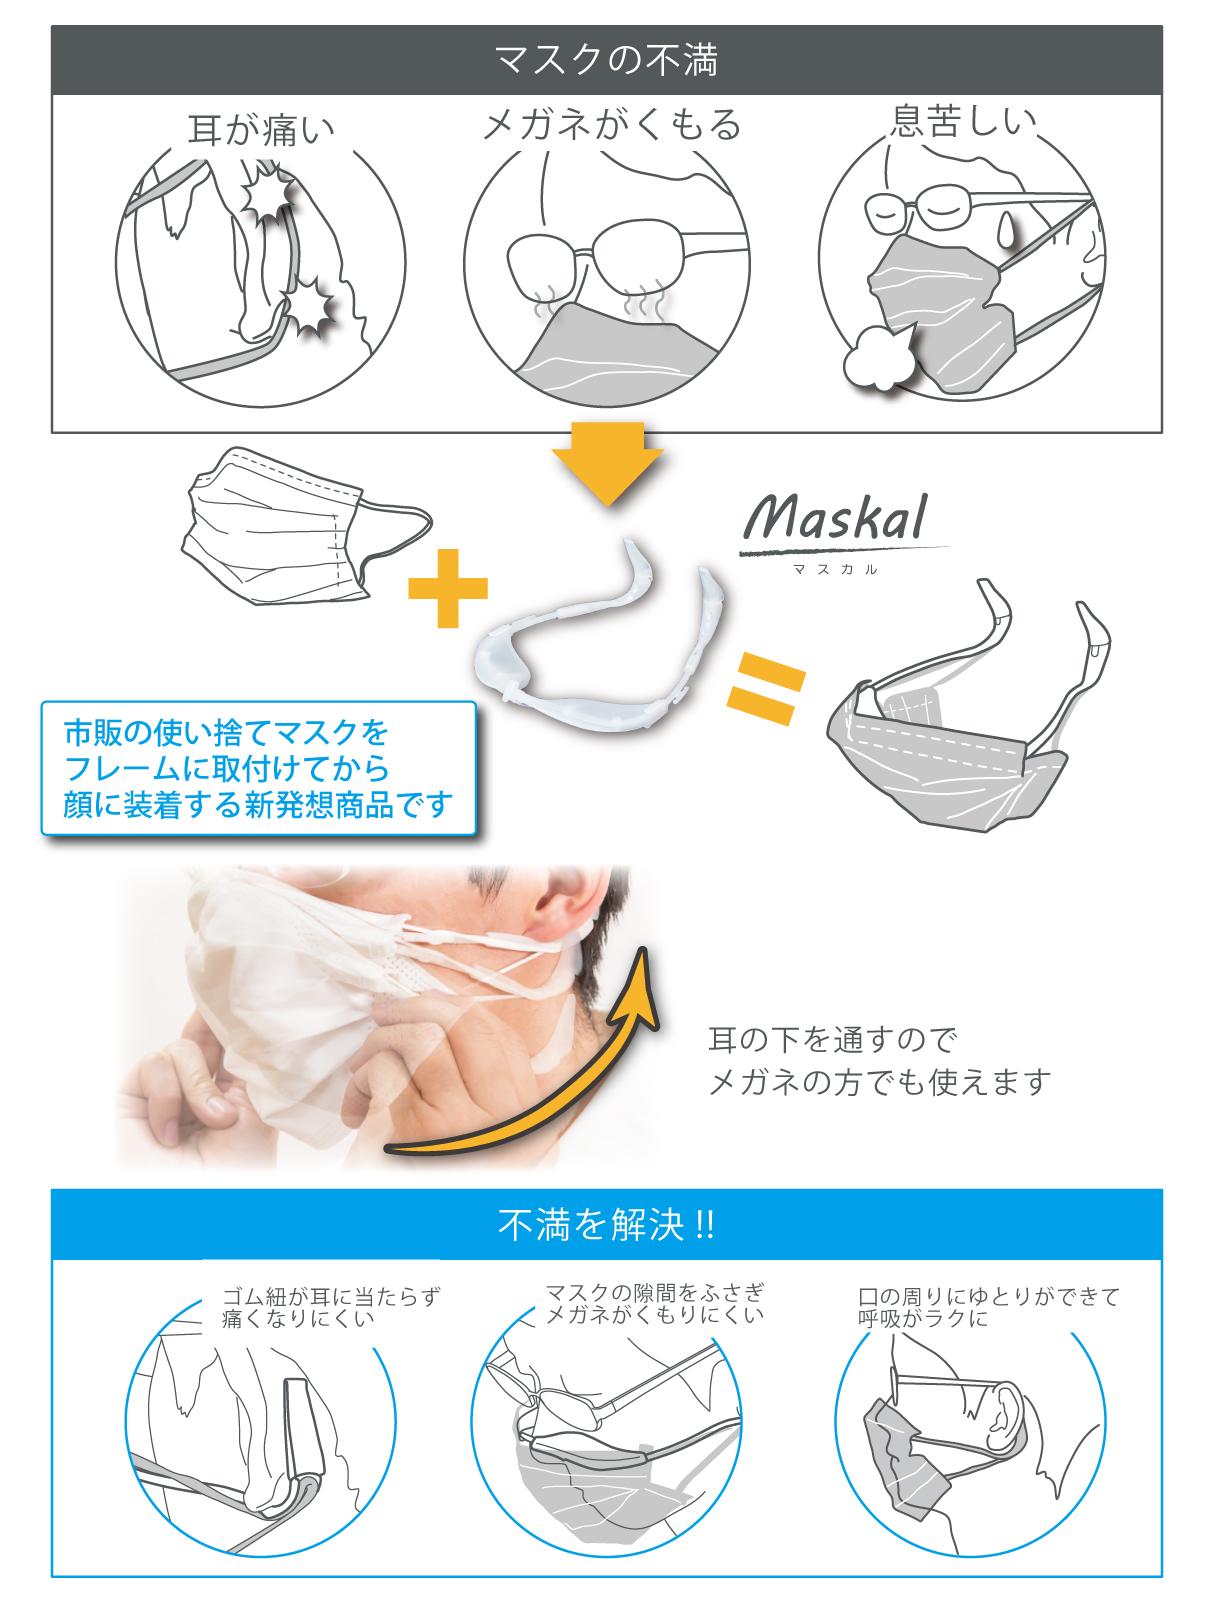 Maskal(マスカル)効果説明図 耳が痛くなりにくい メガネが曇りにくい 呼吸がしやすい